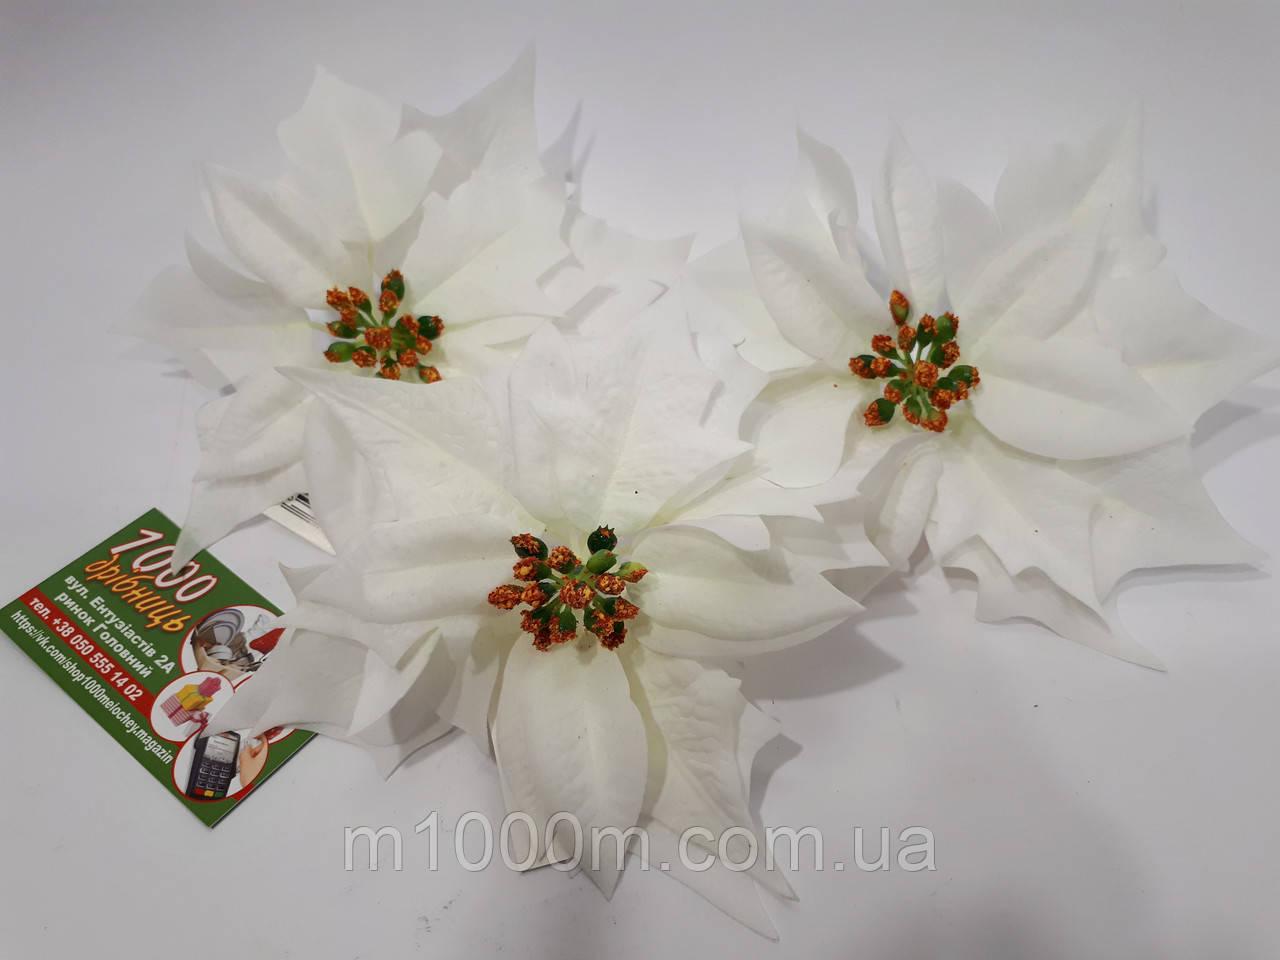 Рождественник (Пуансетия) Белый 1397H 75510